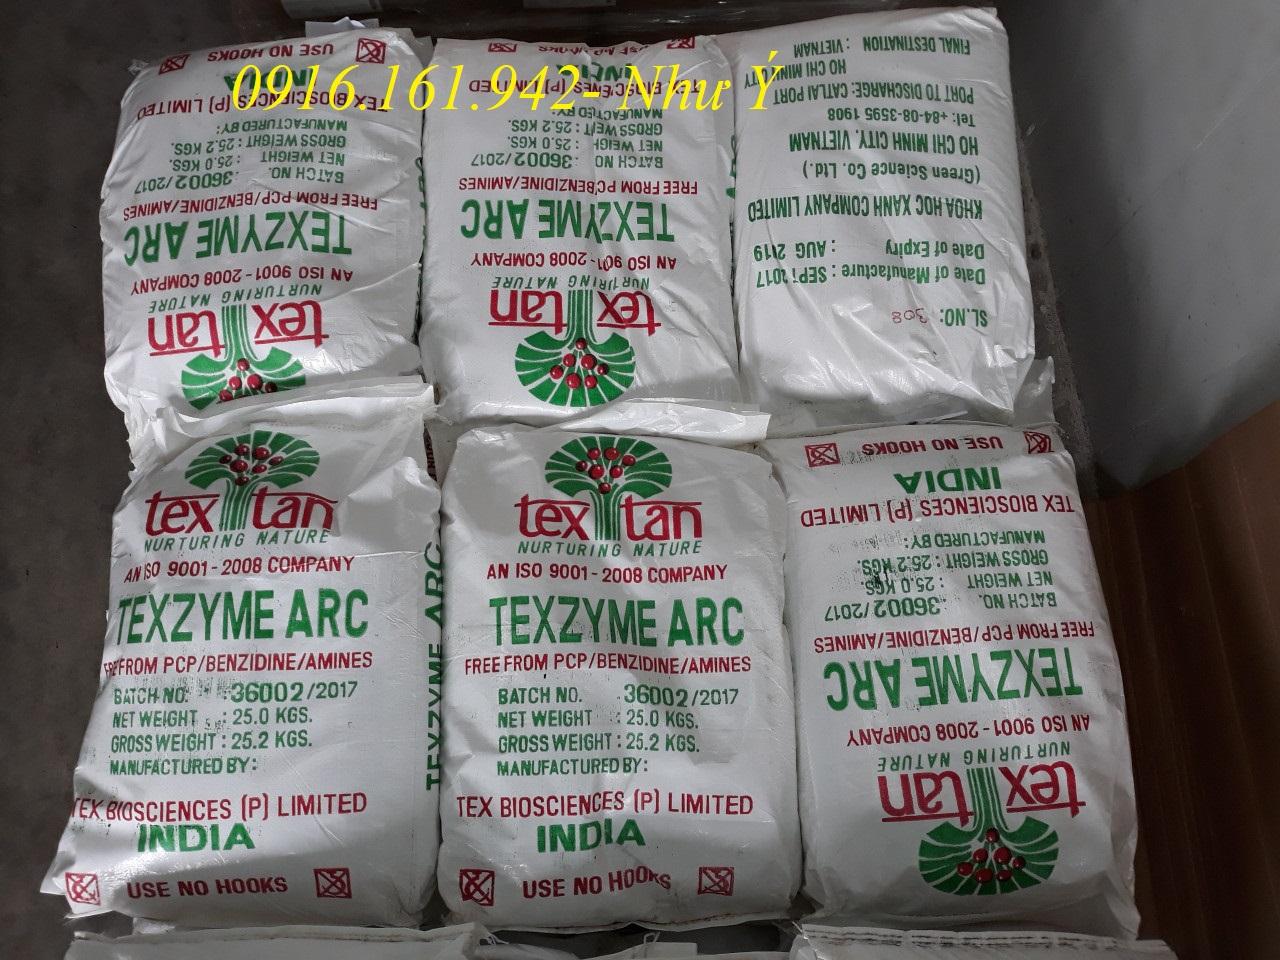 Enzyme xử Lý Nước, Cắt Tảo, Nguyên Liệu Nhập Khẩu Ấn Độ: TEXZYME ARC